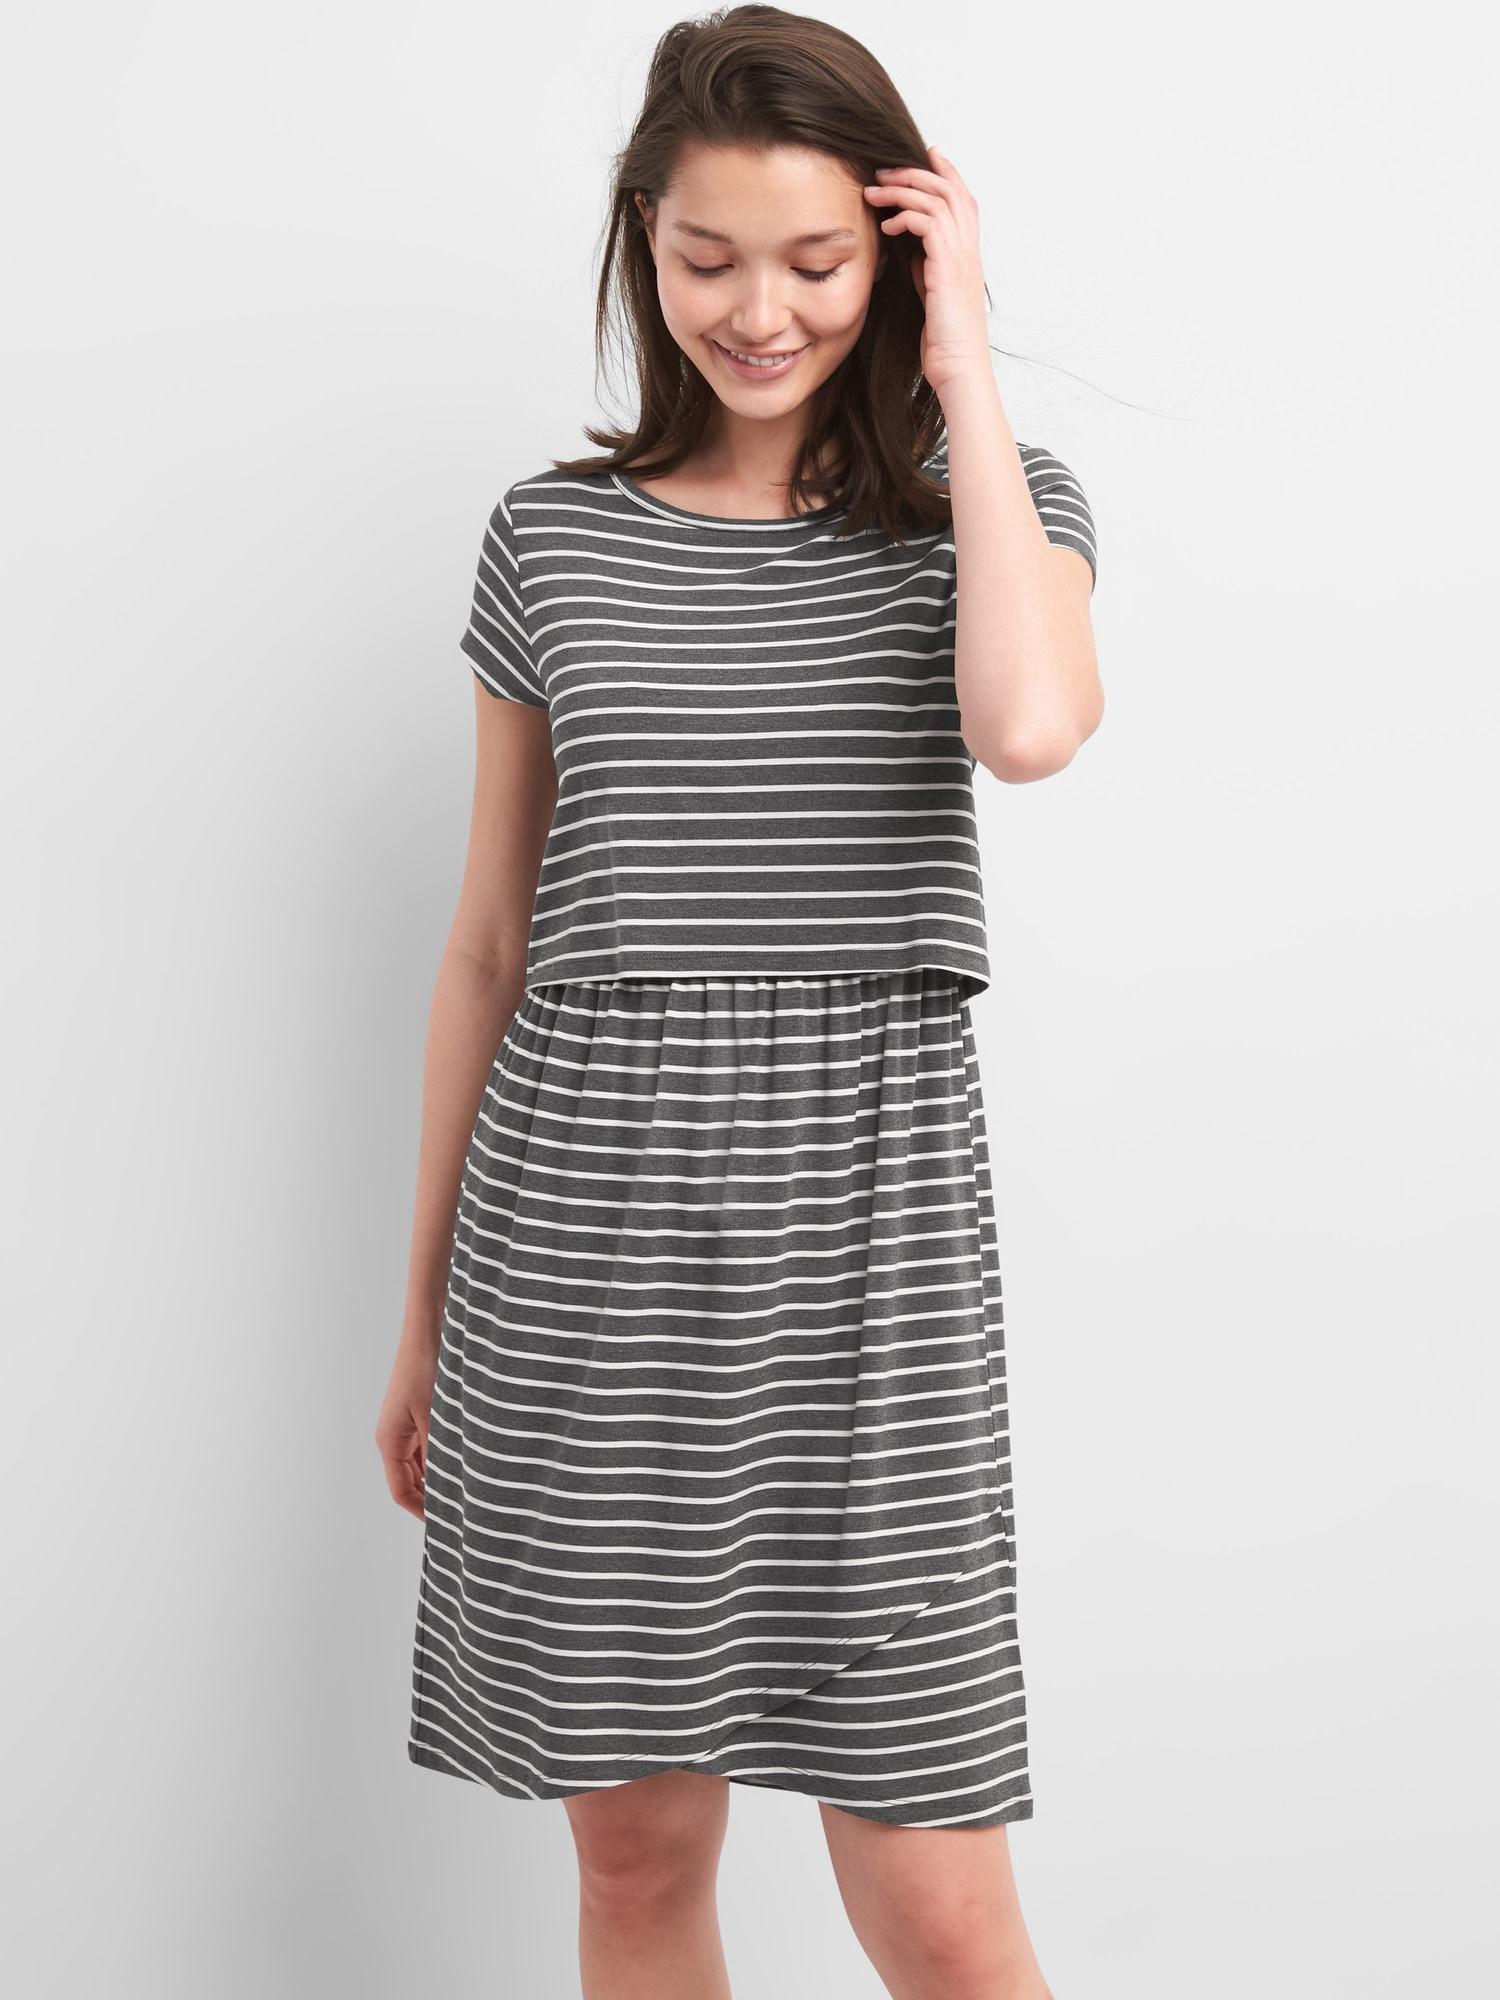 f6ed027e76e72 Gap. Women's Maternity Stripe Layered Nursing T-shirt Dress